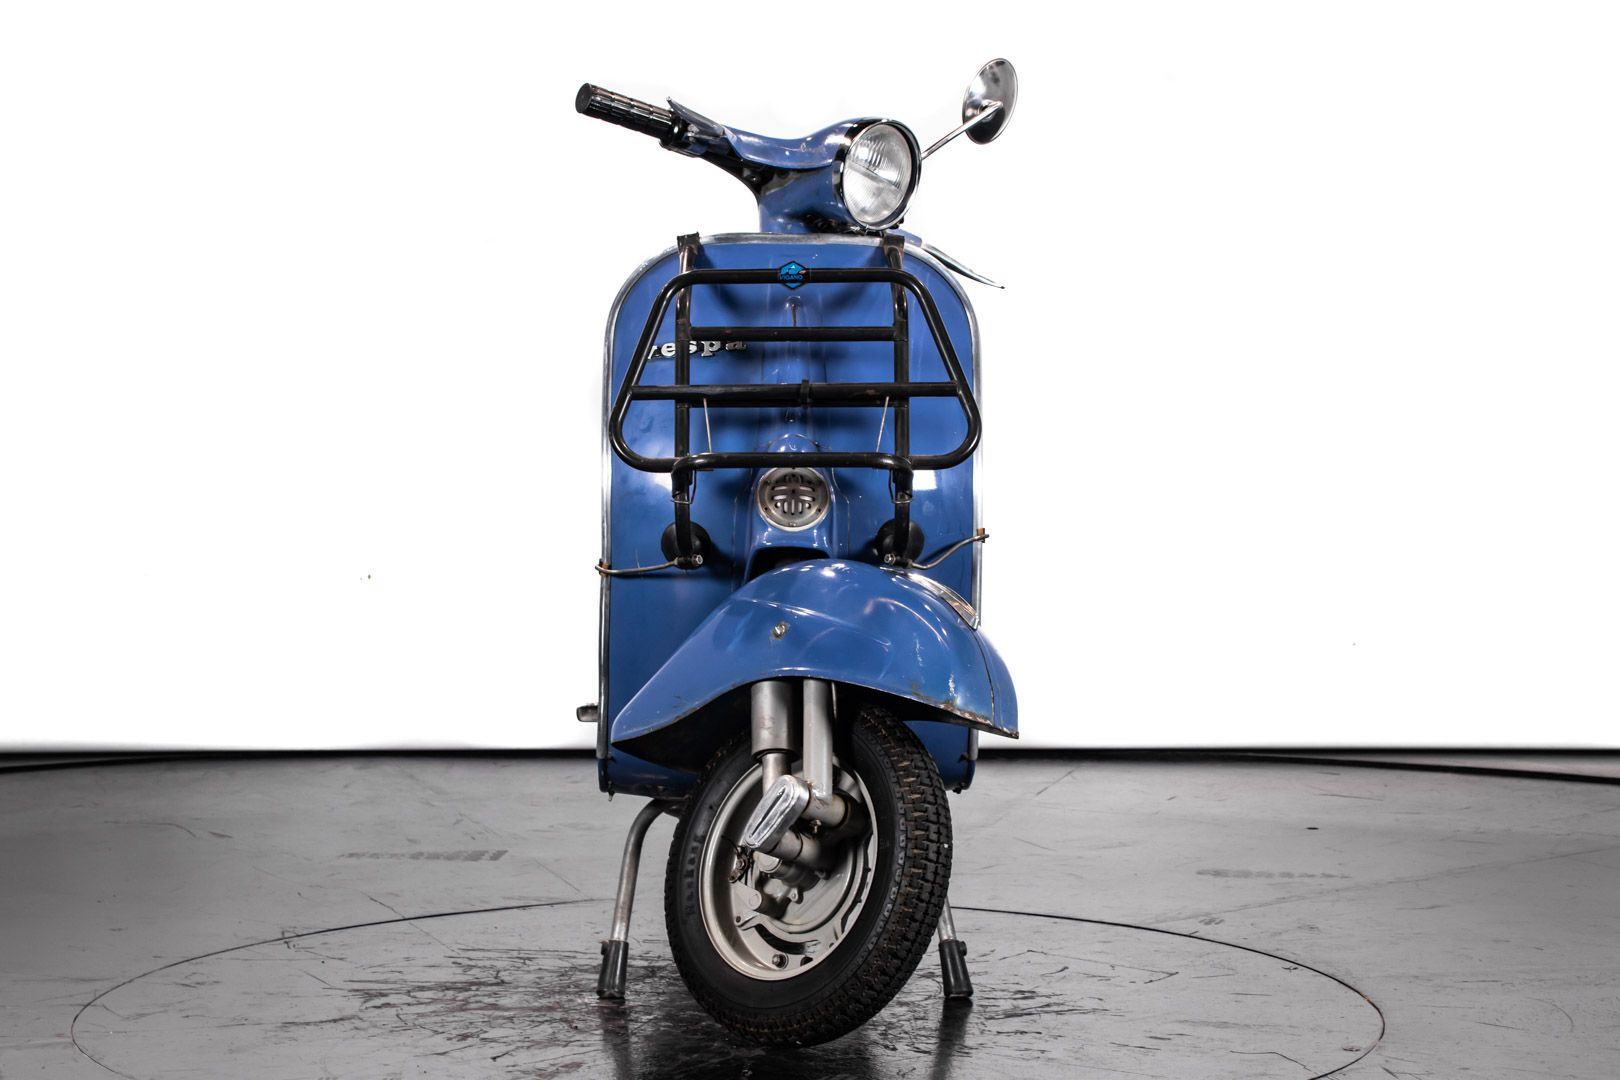 1974 Piaggio Vespa 50 3 marce 83494